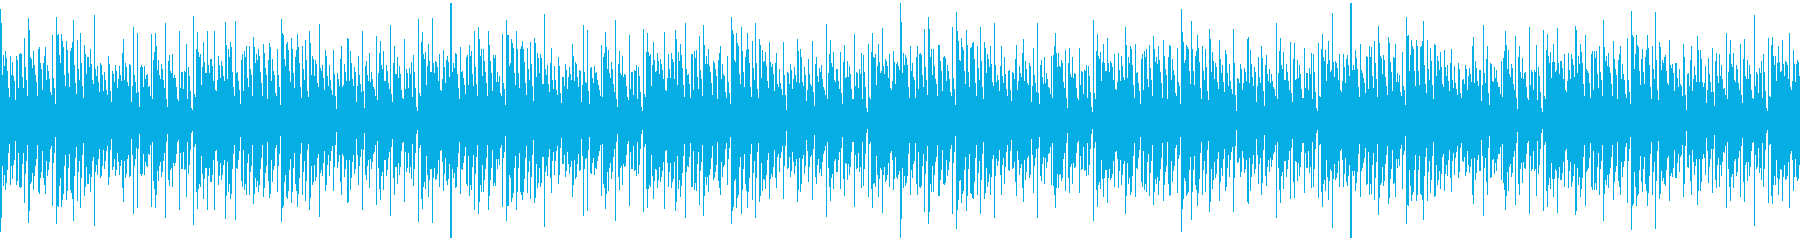 優しく切ない日常系BGM(ループ) aの再生済みの波形